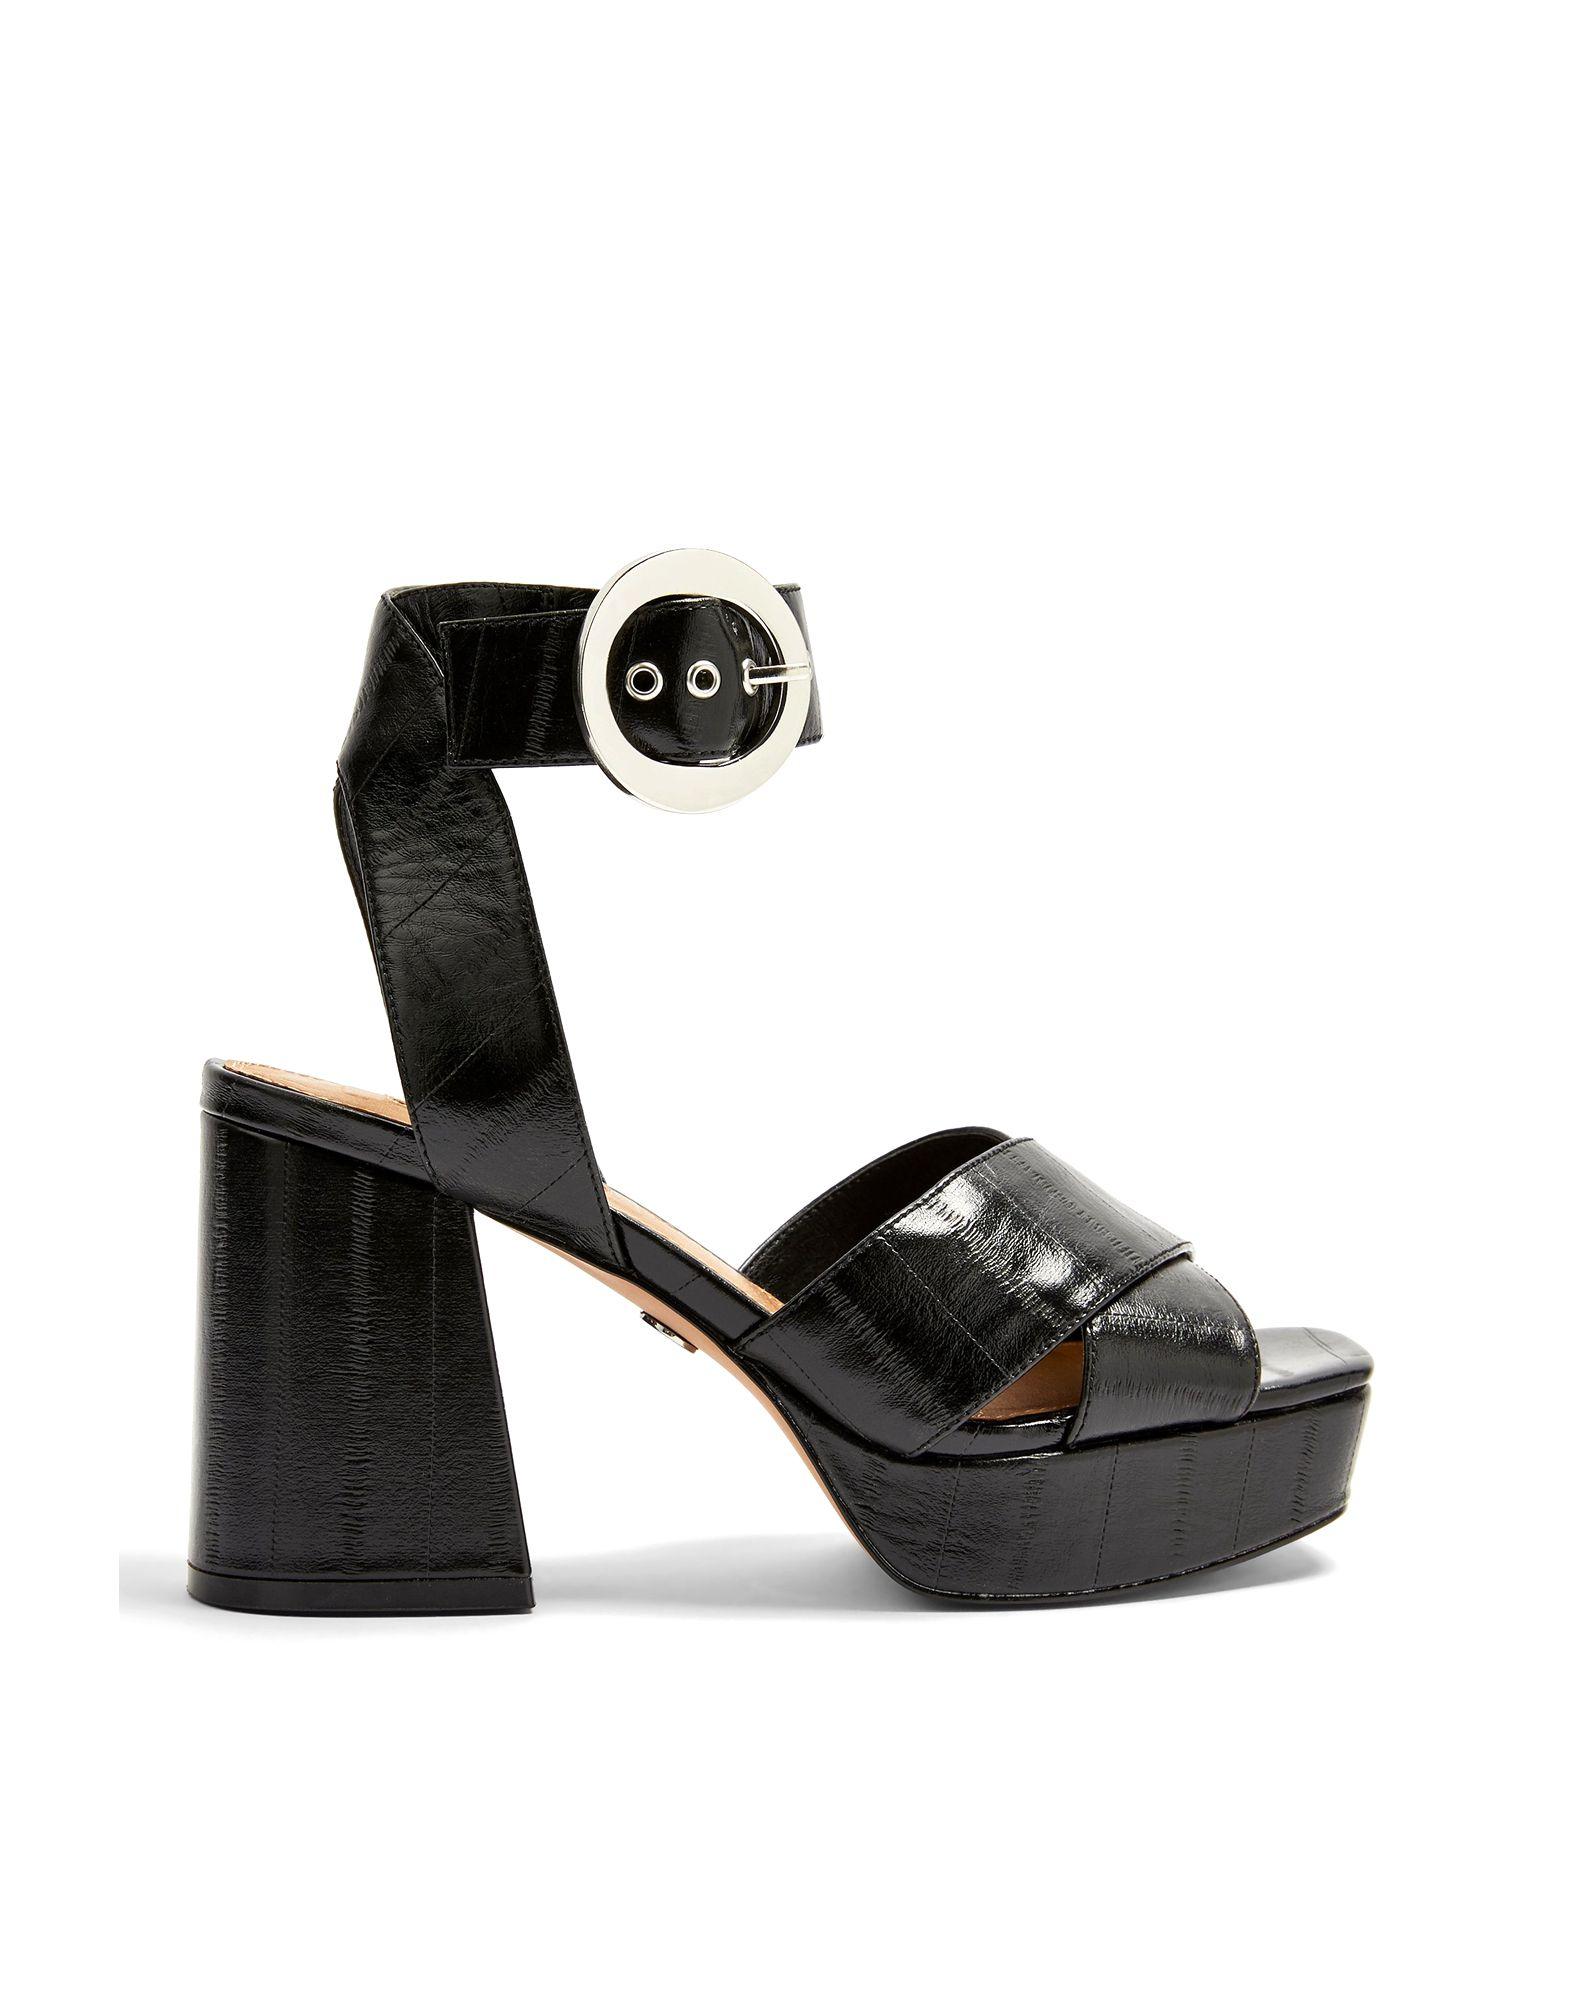 Sandales Topshop Reggie Platform Sandals - Femme - Sandales Topshop   - 11754693MQ